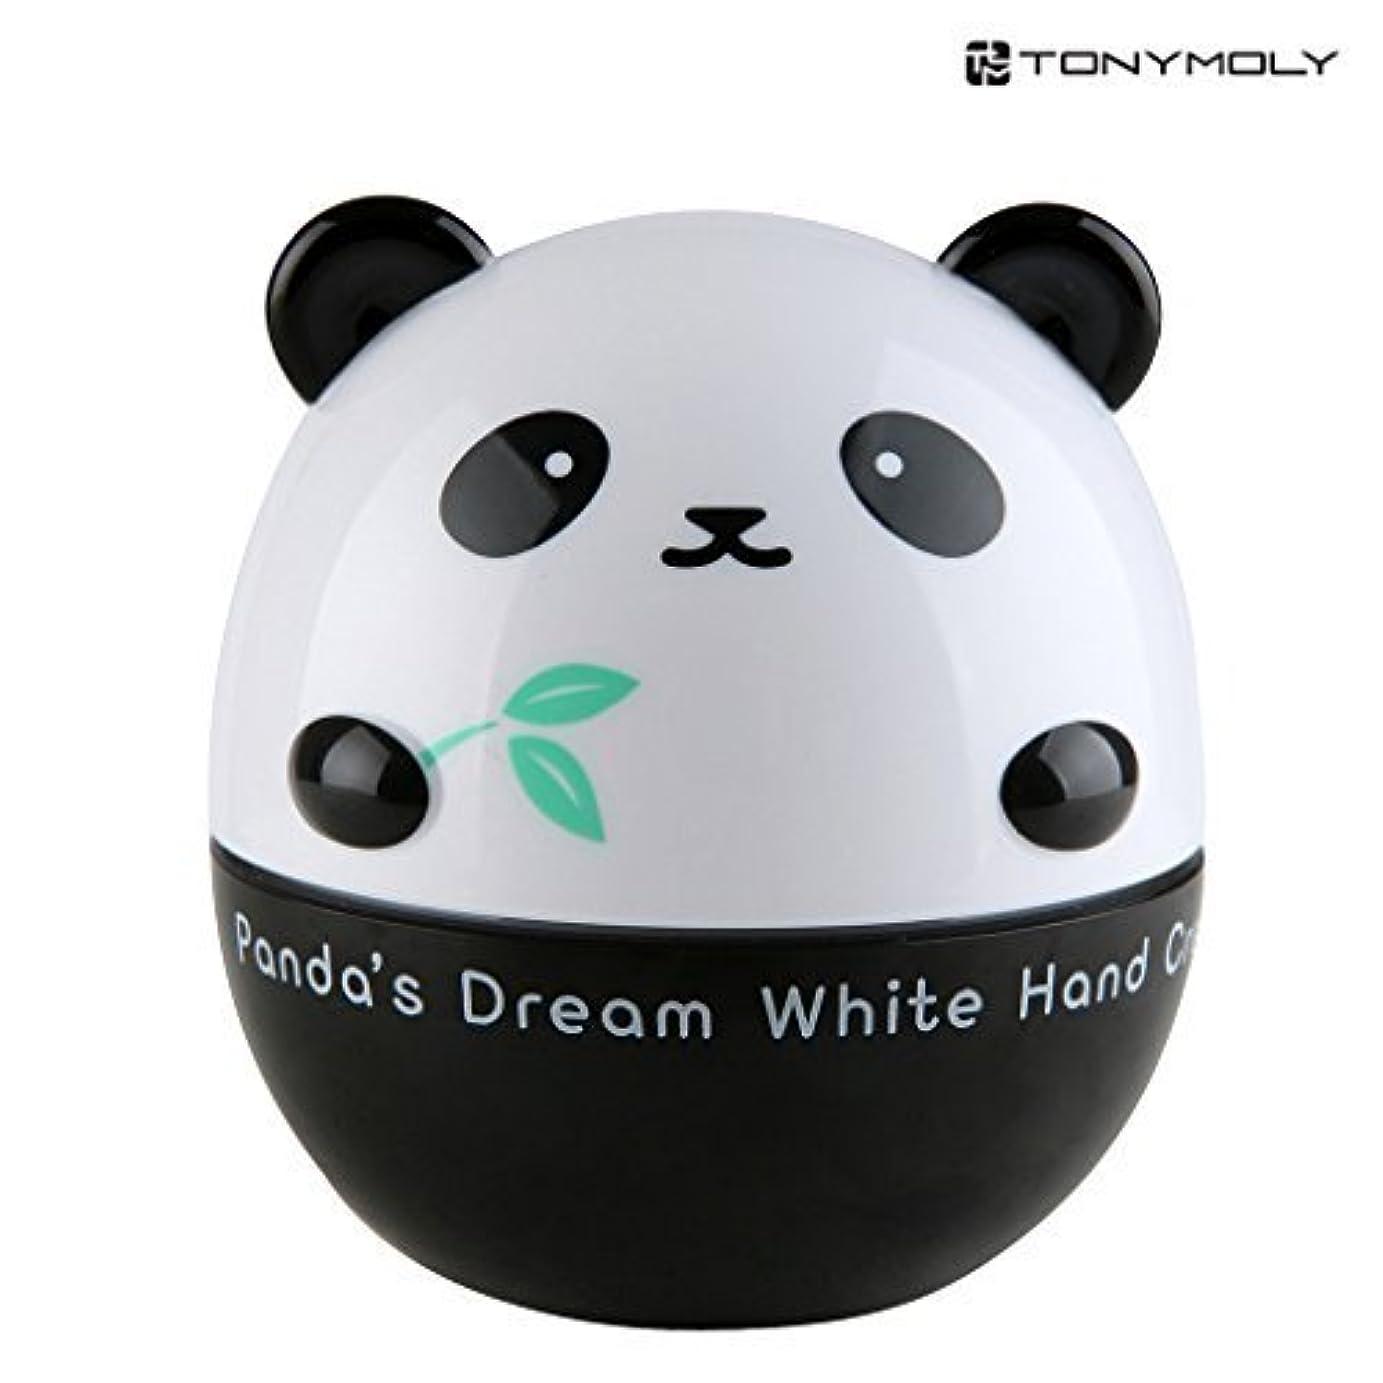 ライムバング持続するTONYMOLY Panda's Dream White Hand cream by TONYMOLY [並行輸入品]